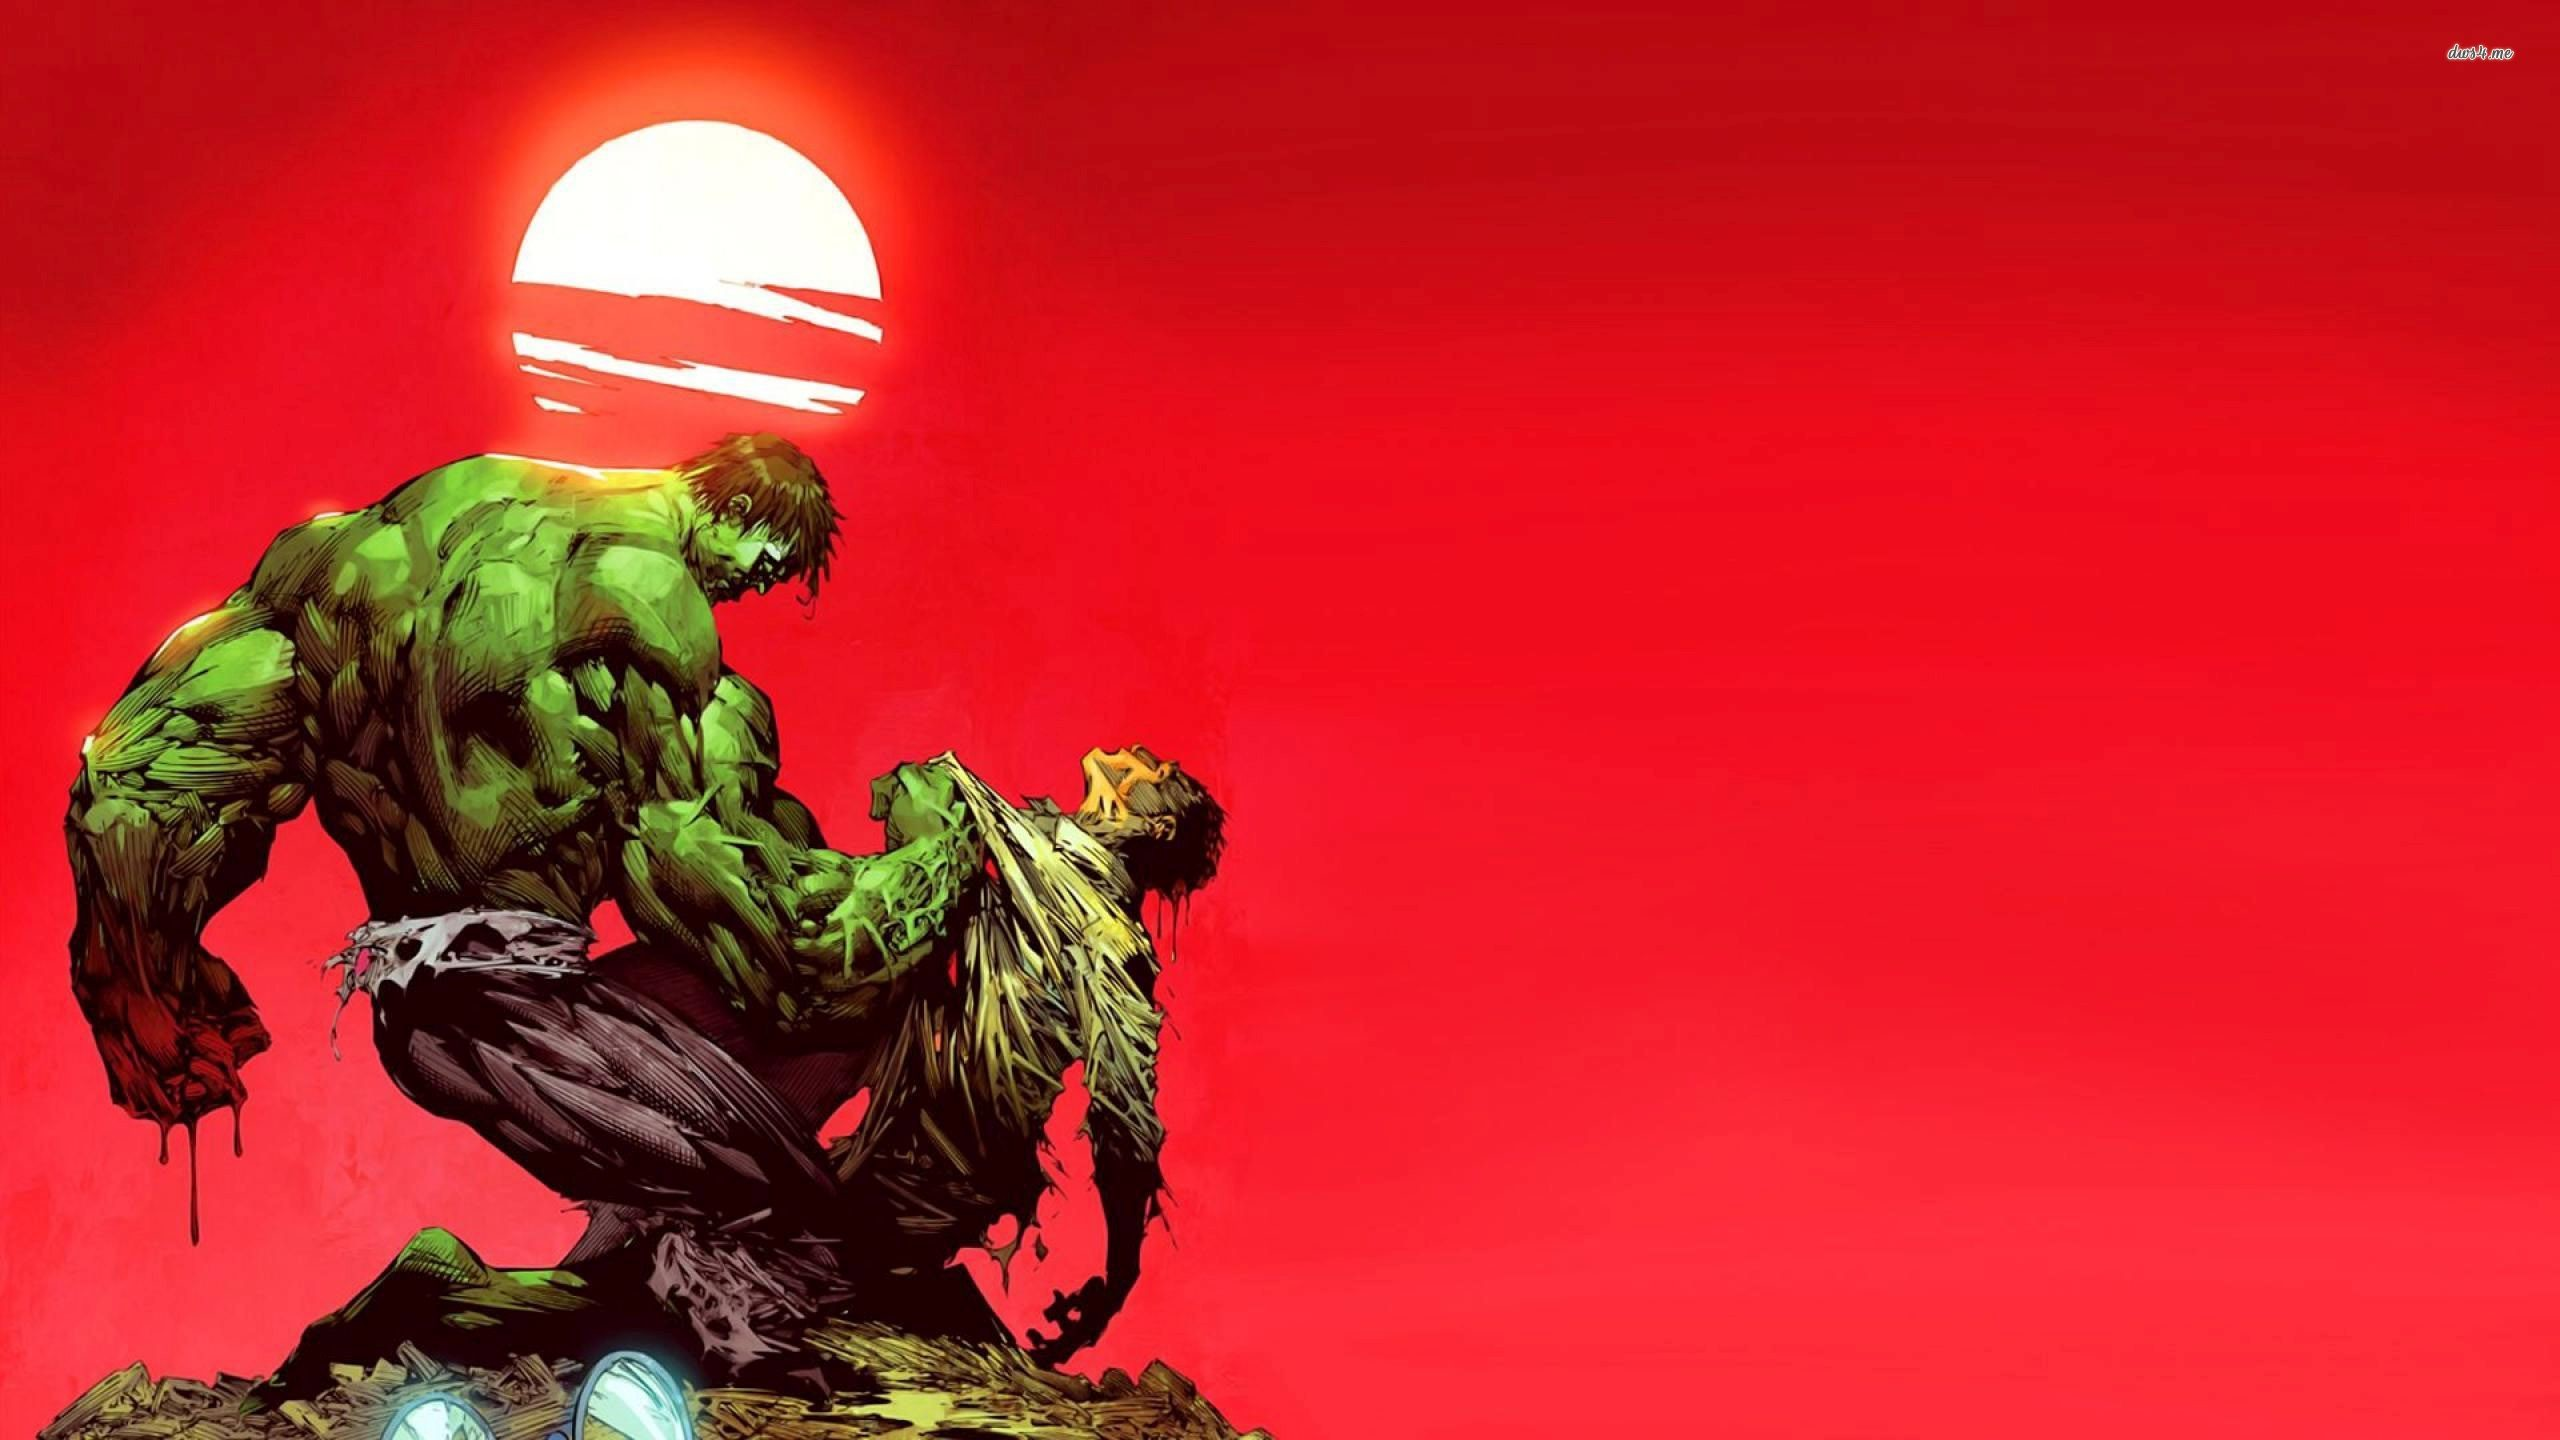 Res: 2560x1440, ... Incredible Hulk wallpaper  ...